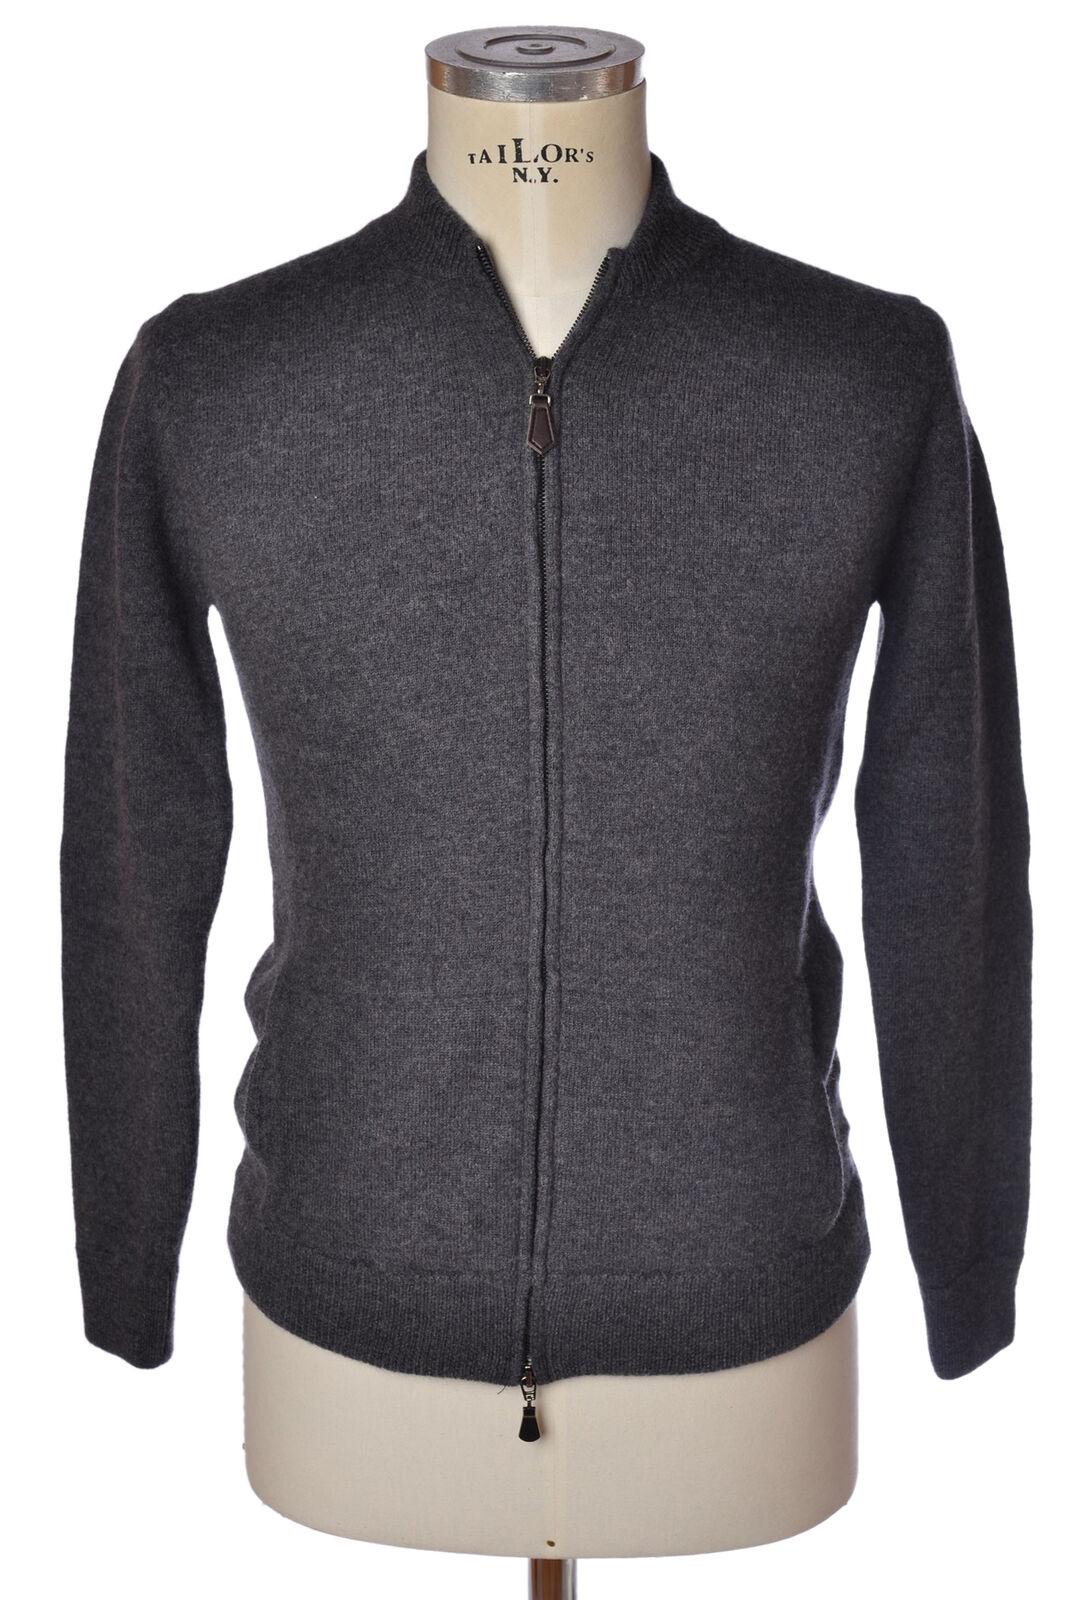 Alpha - Knitwear-Cardigan - man - Grau - 735517C183558